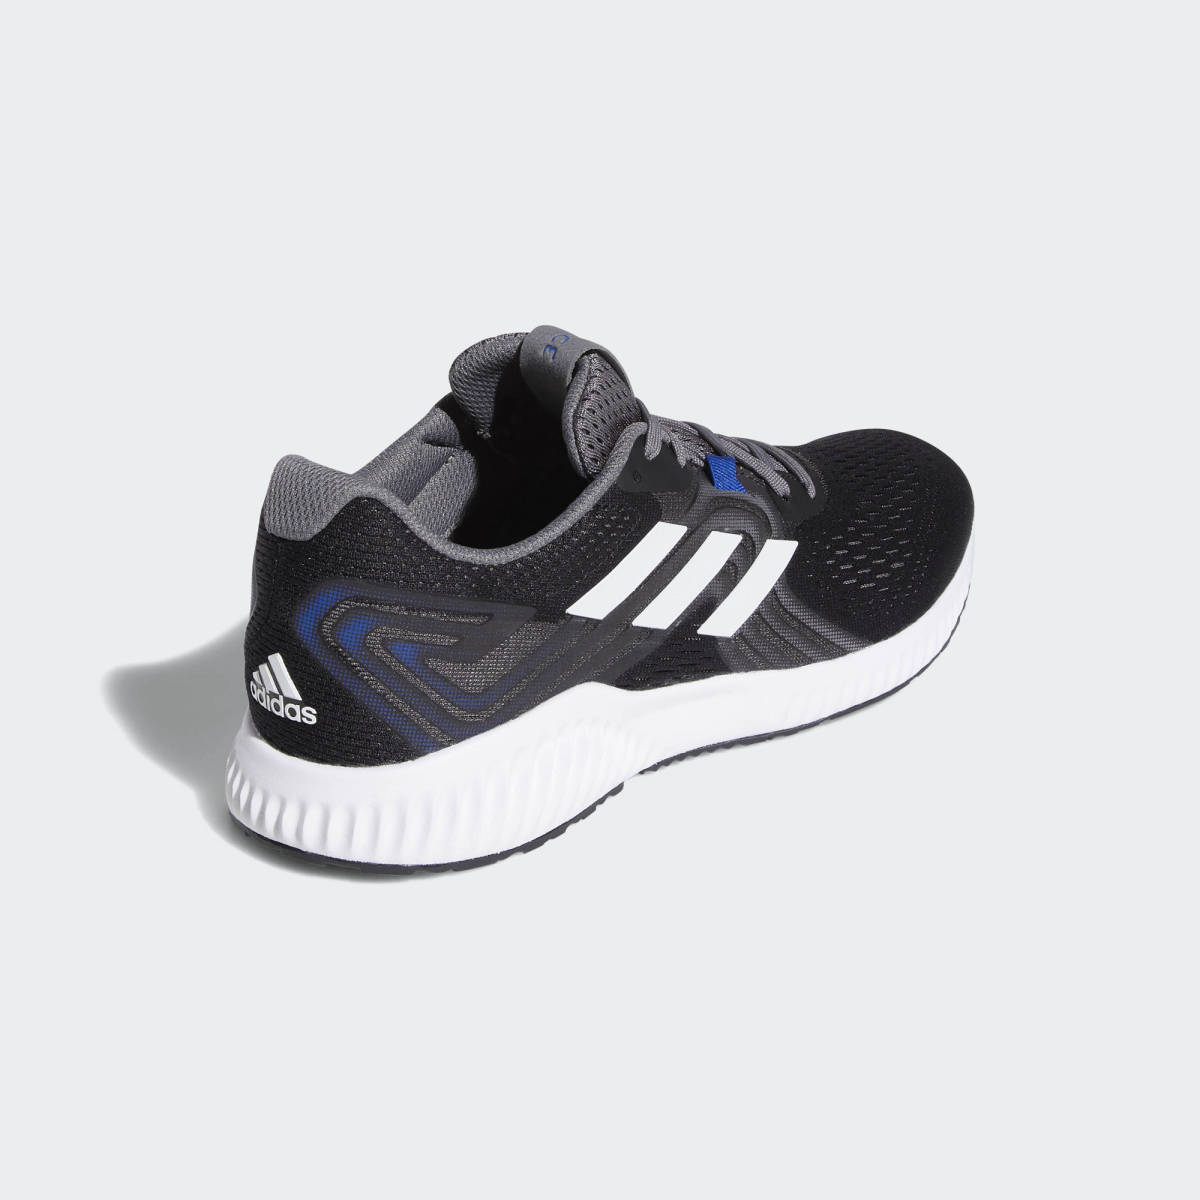 新品 ADIDAS アディダス スニーカー ランニングシューズ エアロバウンス2 トレーニングシューズ ウォーキングシューズ 運動靴 27cm_画像4